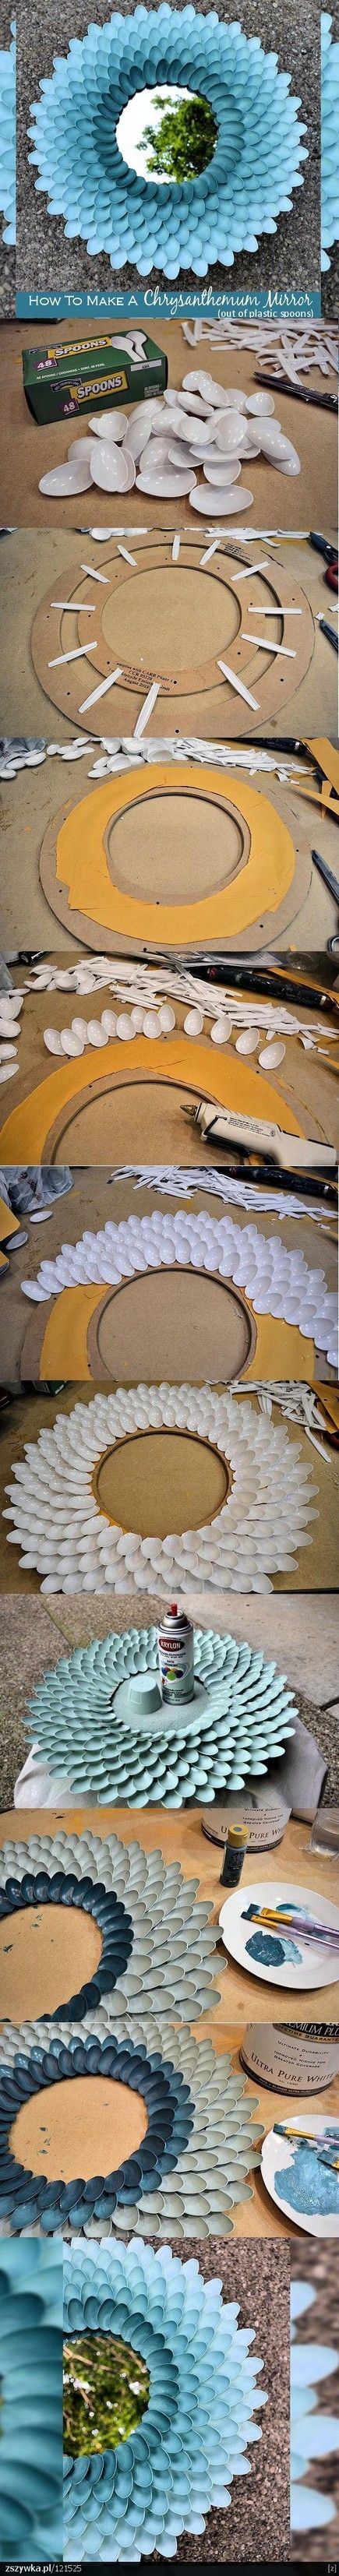 How to make a chrysanthemum mirror! | Come fare uno specchio con il fiore di crisantemo #DIY #howtomake #faidate